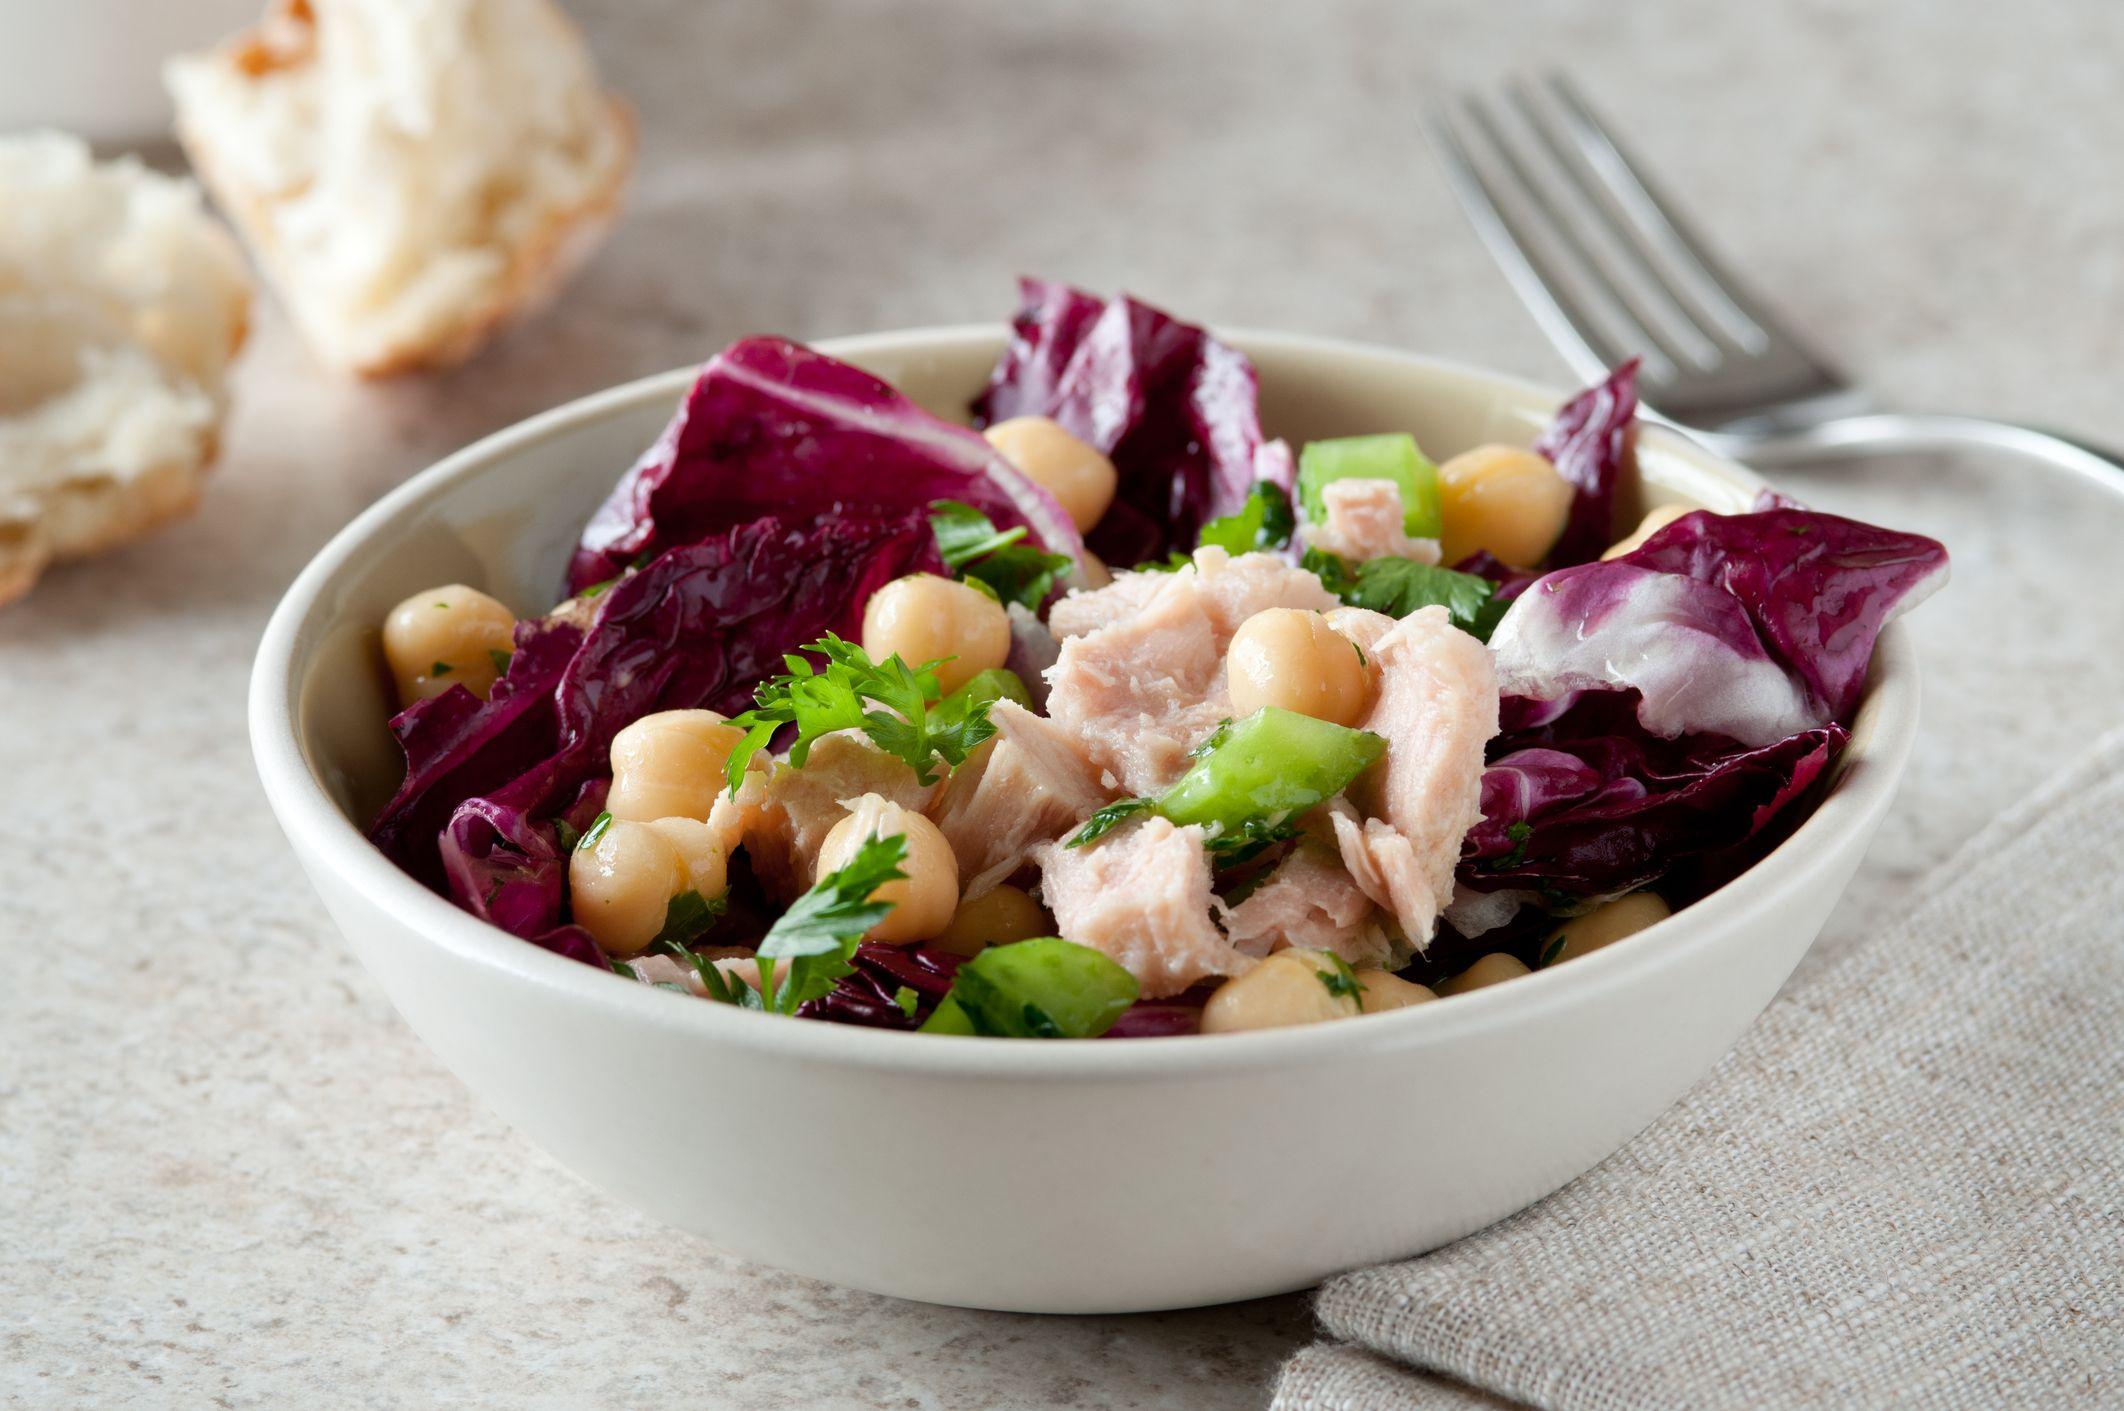 Ciotola con insalata di radicchio, tonno e ceci